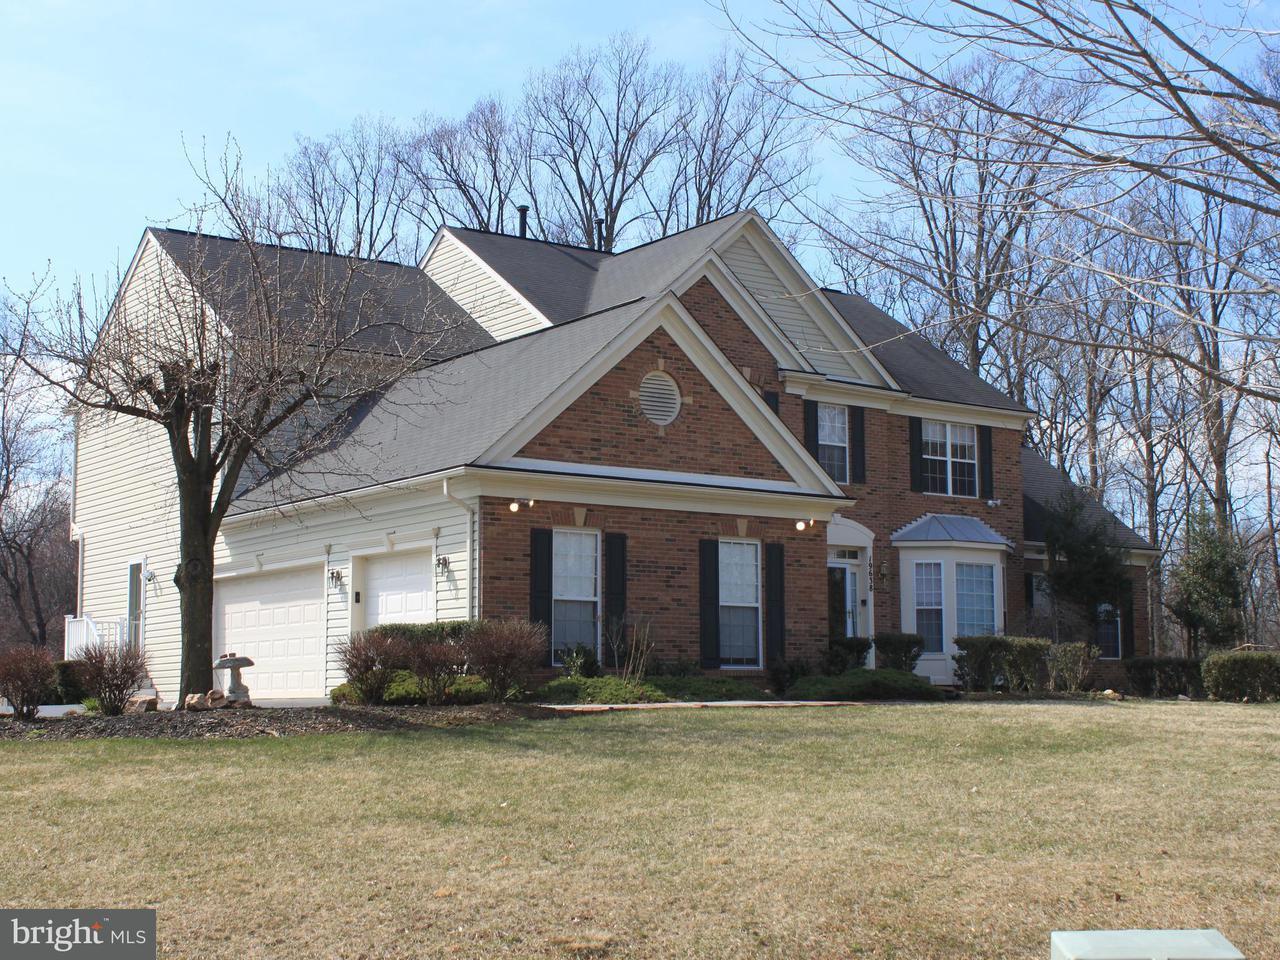 Частный односемейный дом для того Продажа на 19638 Hoover Farm Drive 19638 Hoover Farm Drive Laytonsville, Мэриленд 20882 Соединенные Штаты